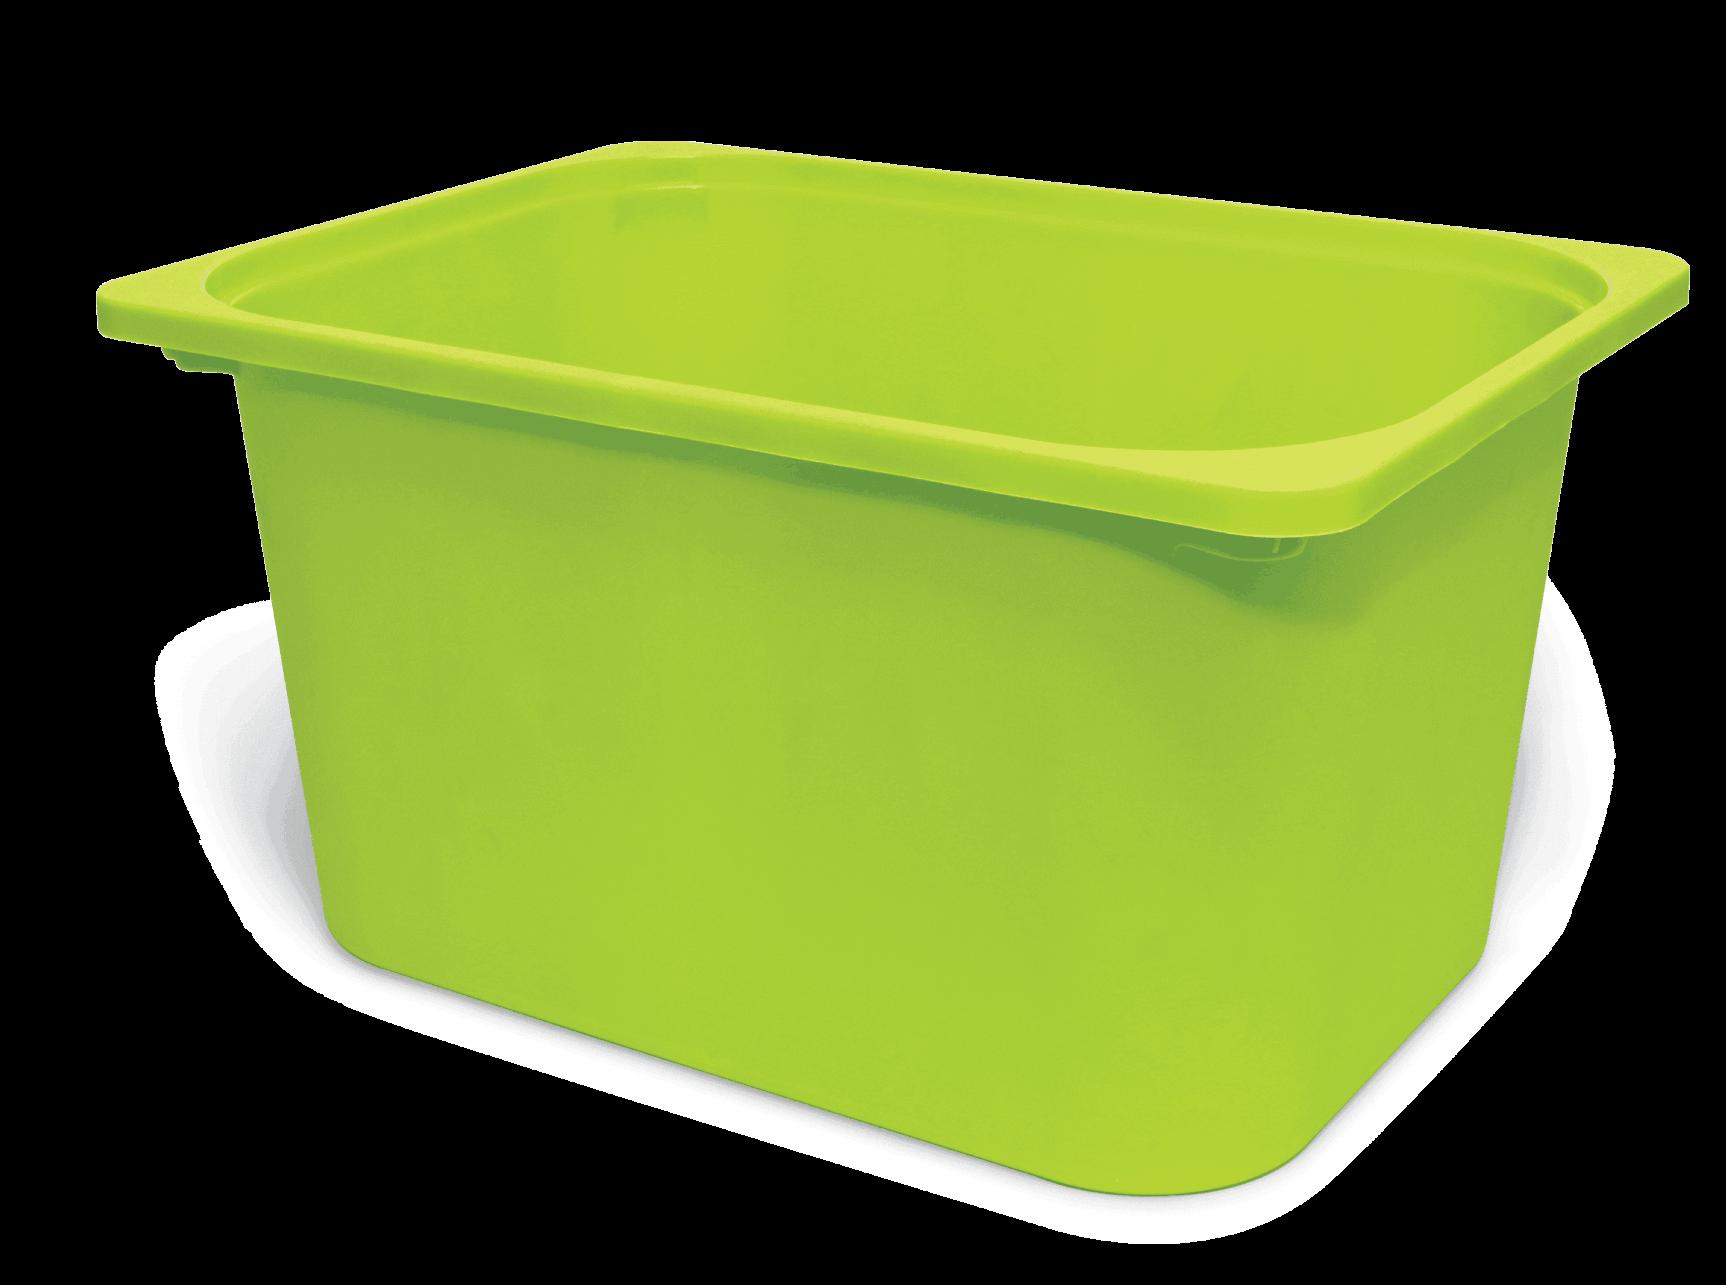 Saklama Kutusu Fıstık Yeşili 42x30x23